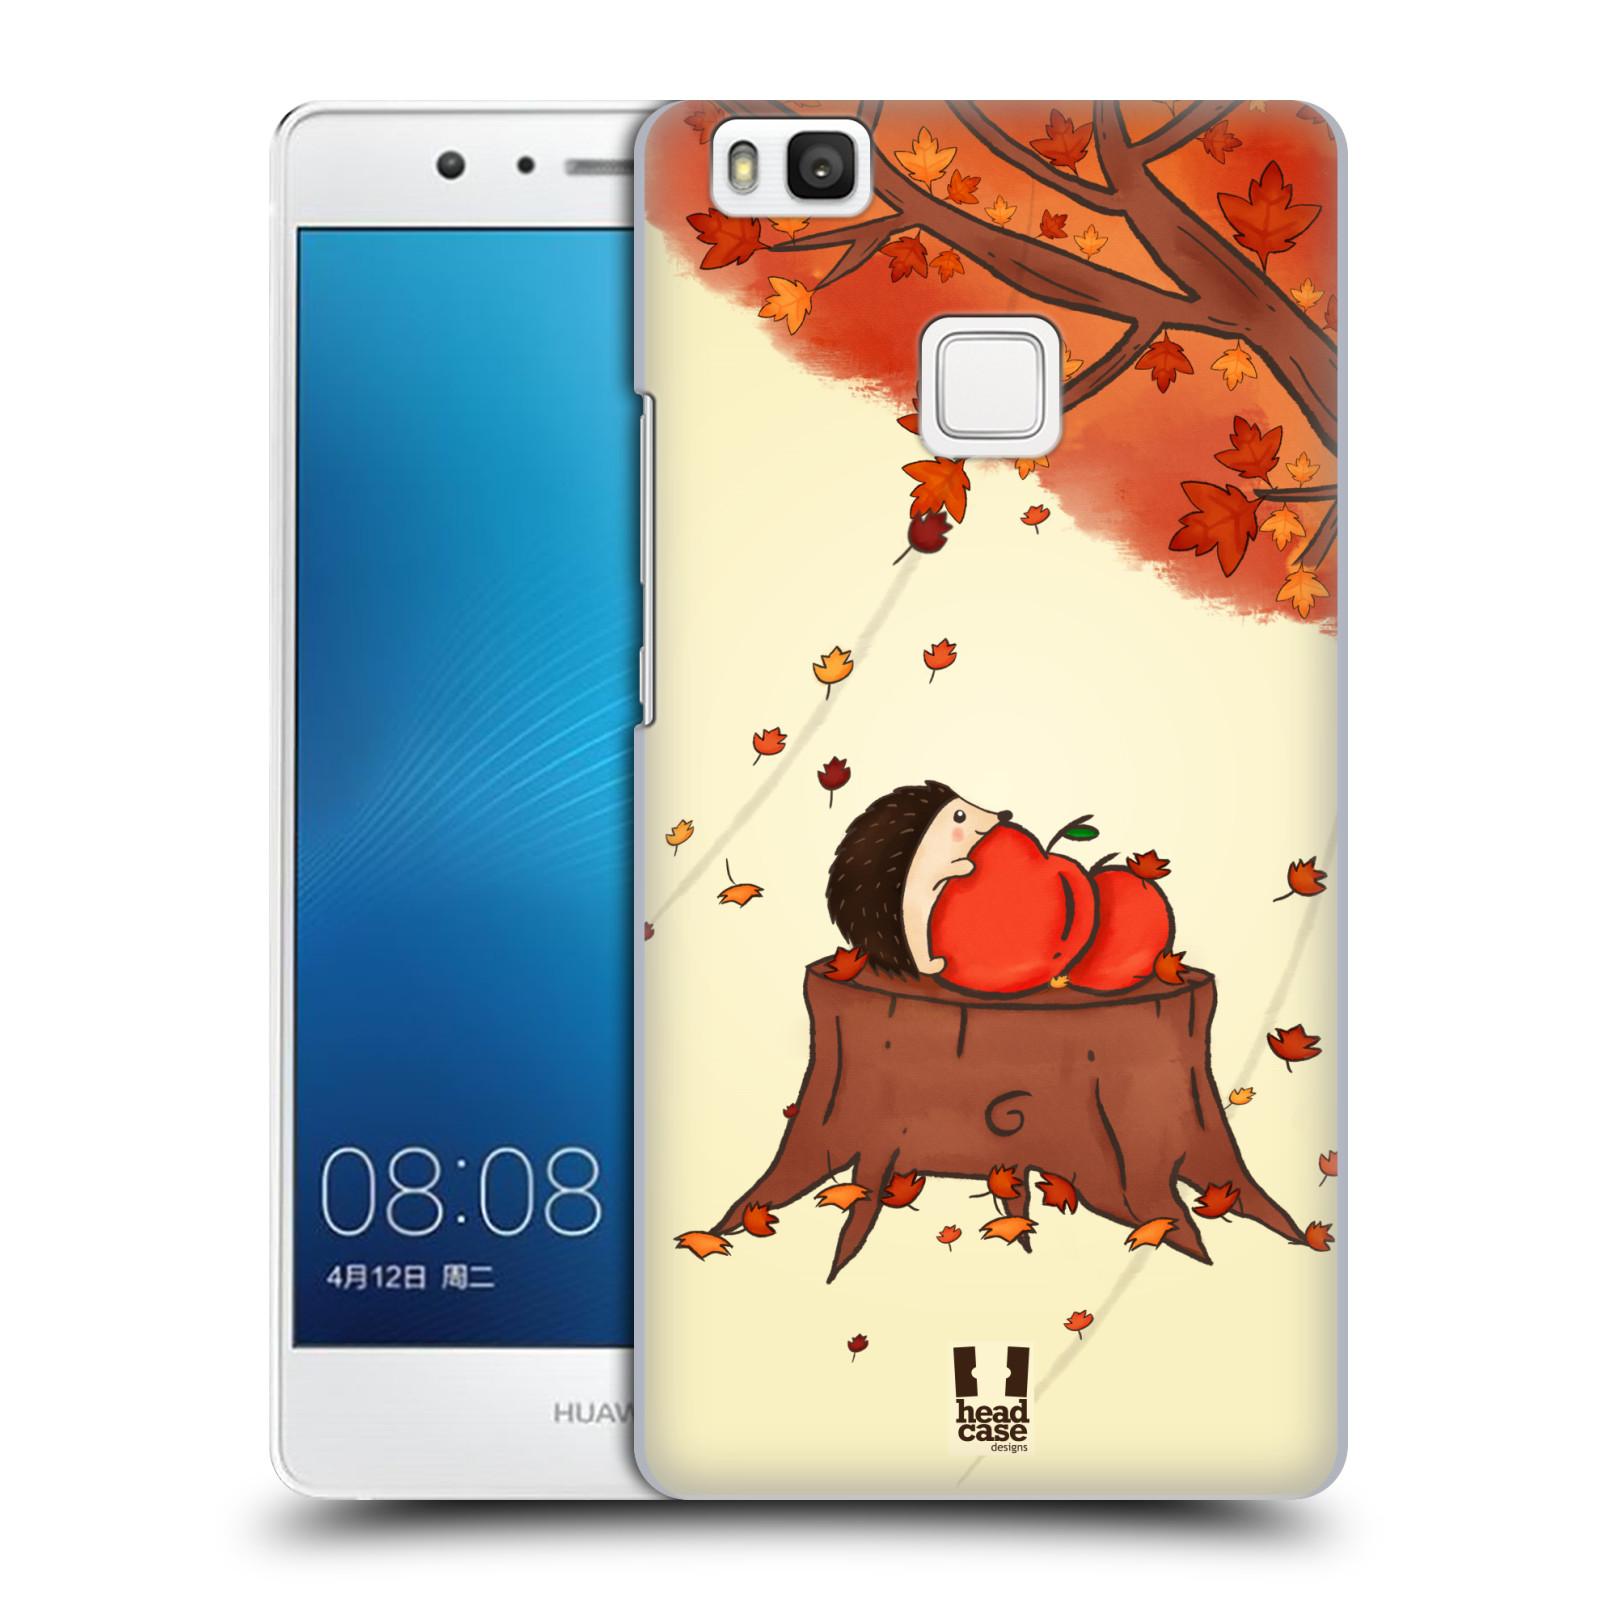 HEAD CASE plastový obal na mobil Huawei P9 LITE / P9 LITE DUAL SIM vzor podzimní zvířátka ježek a jablíčka